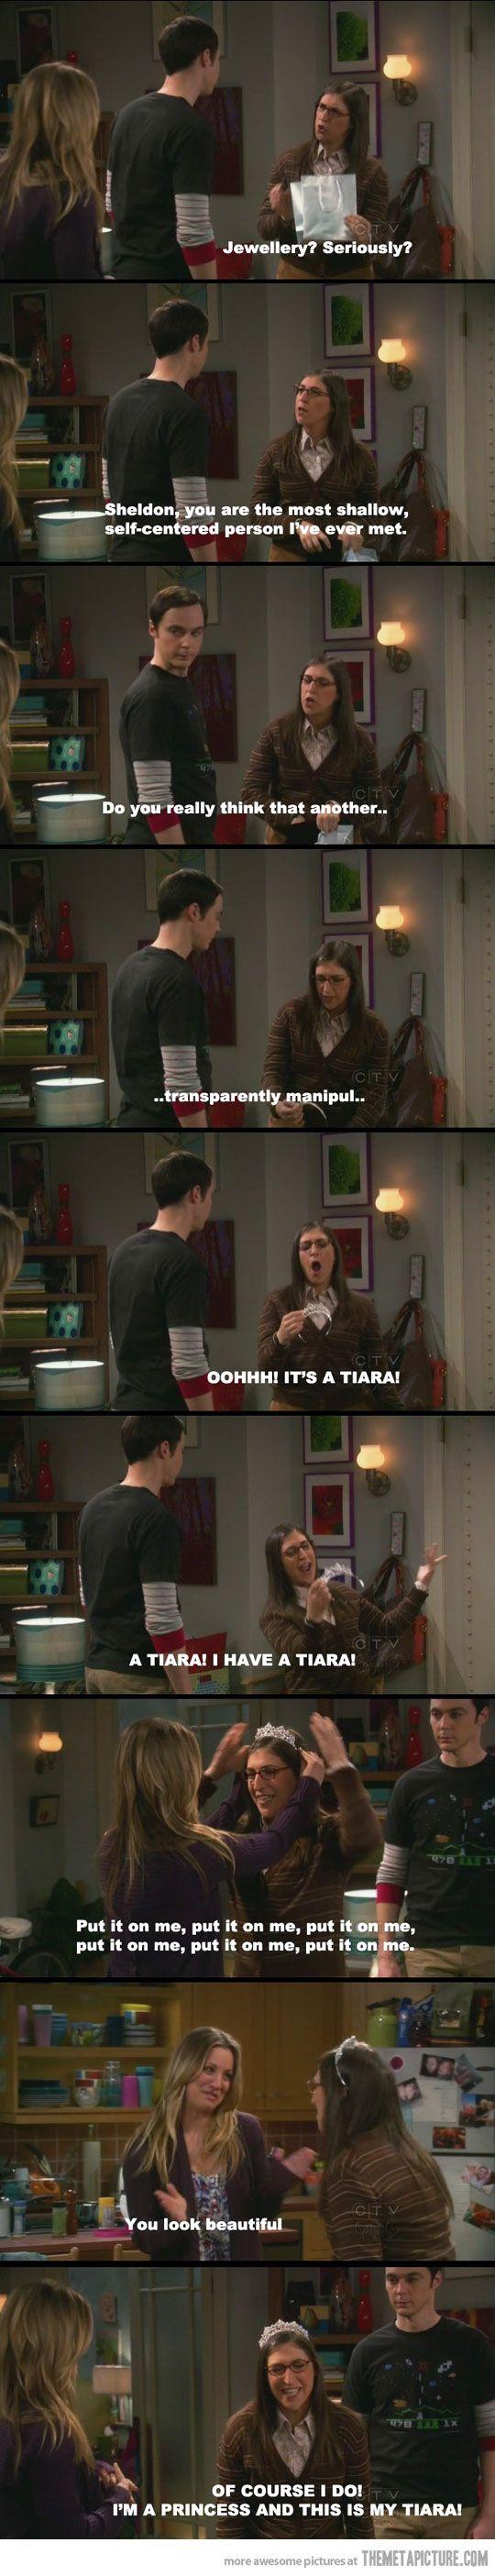 It's a tiara! Haha! :D